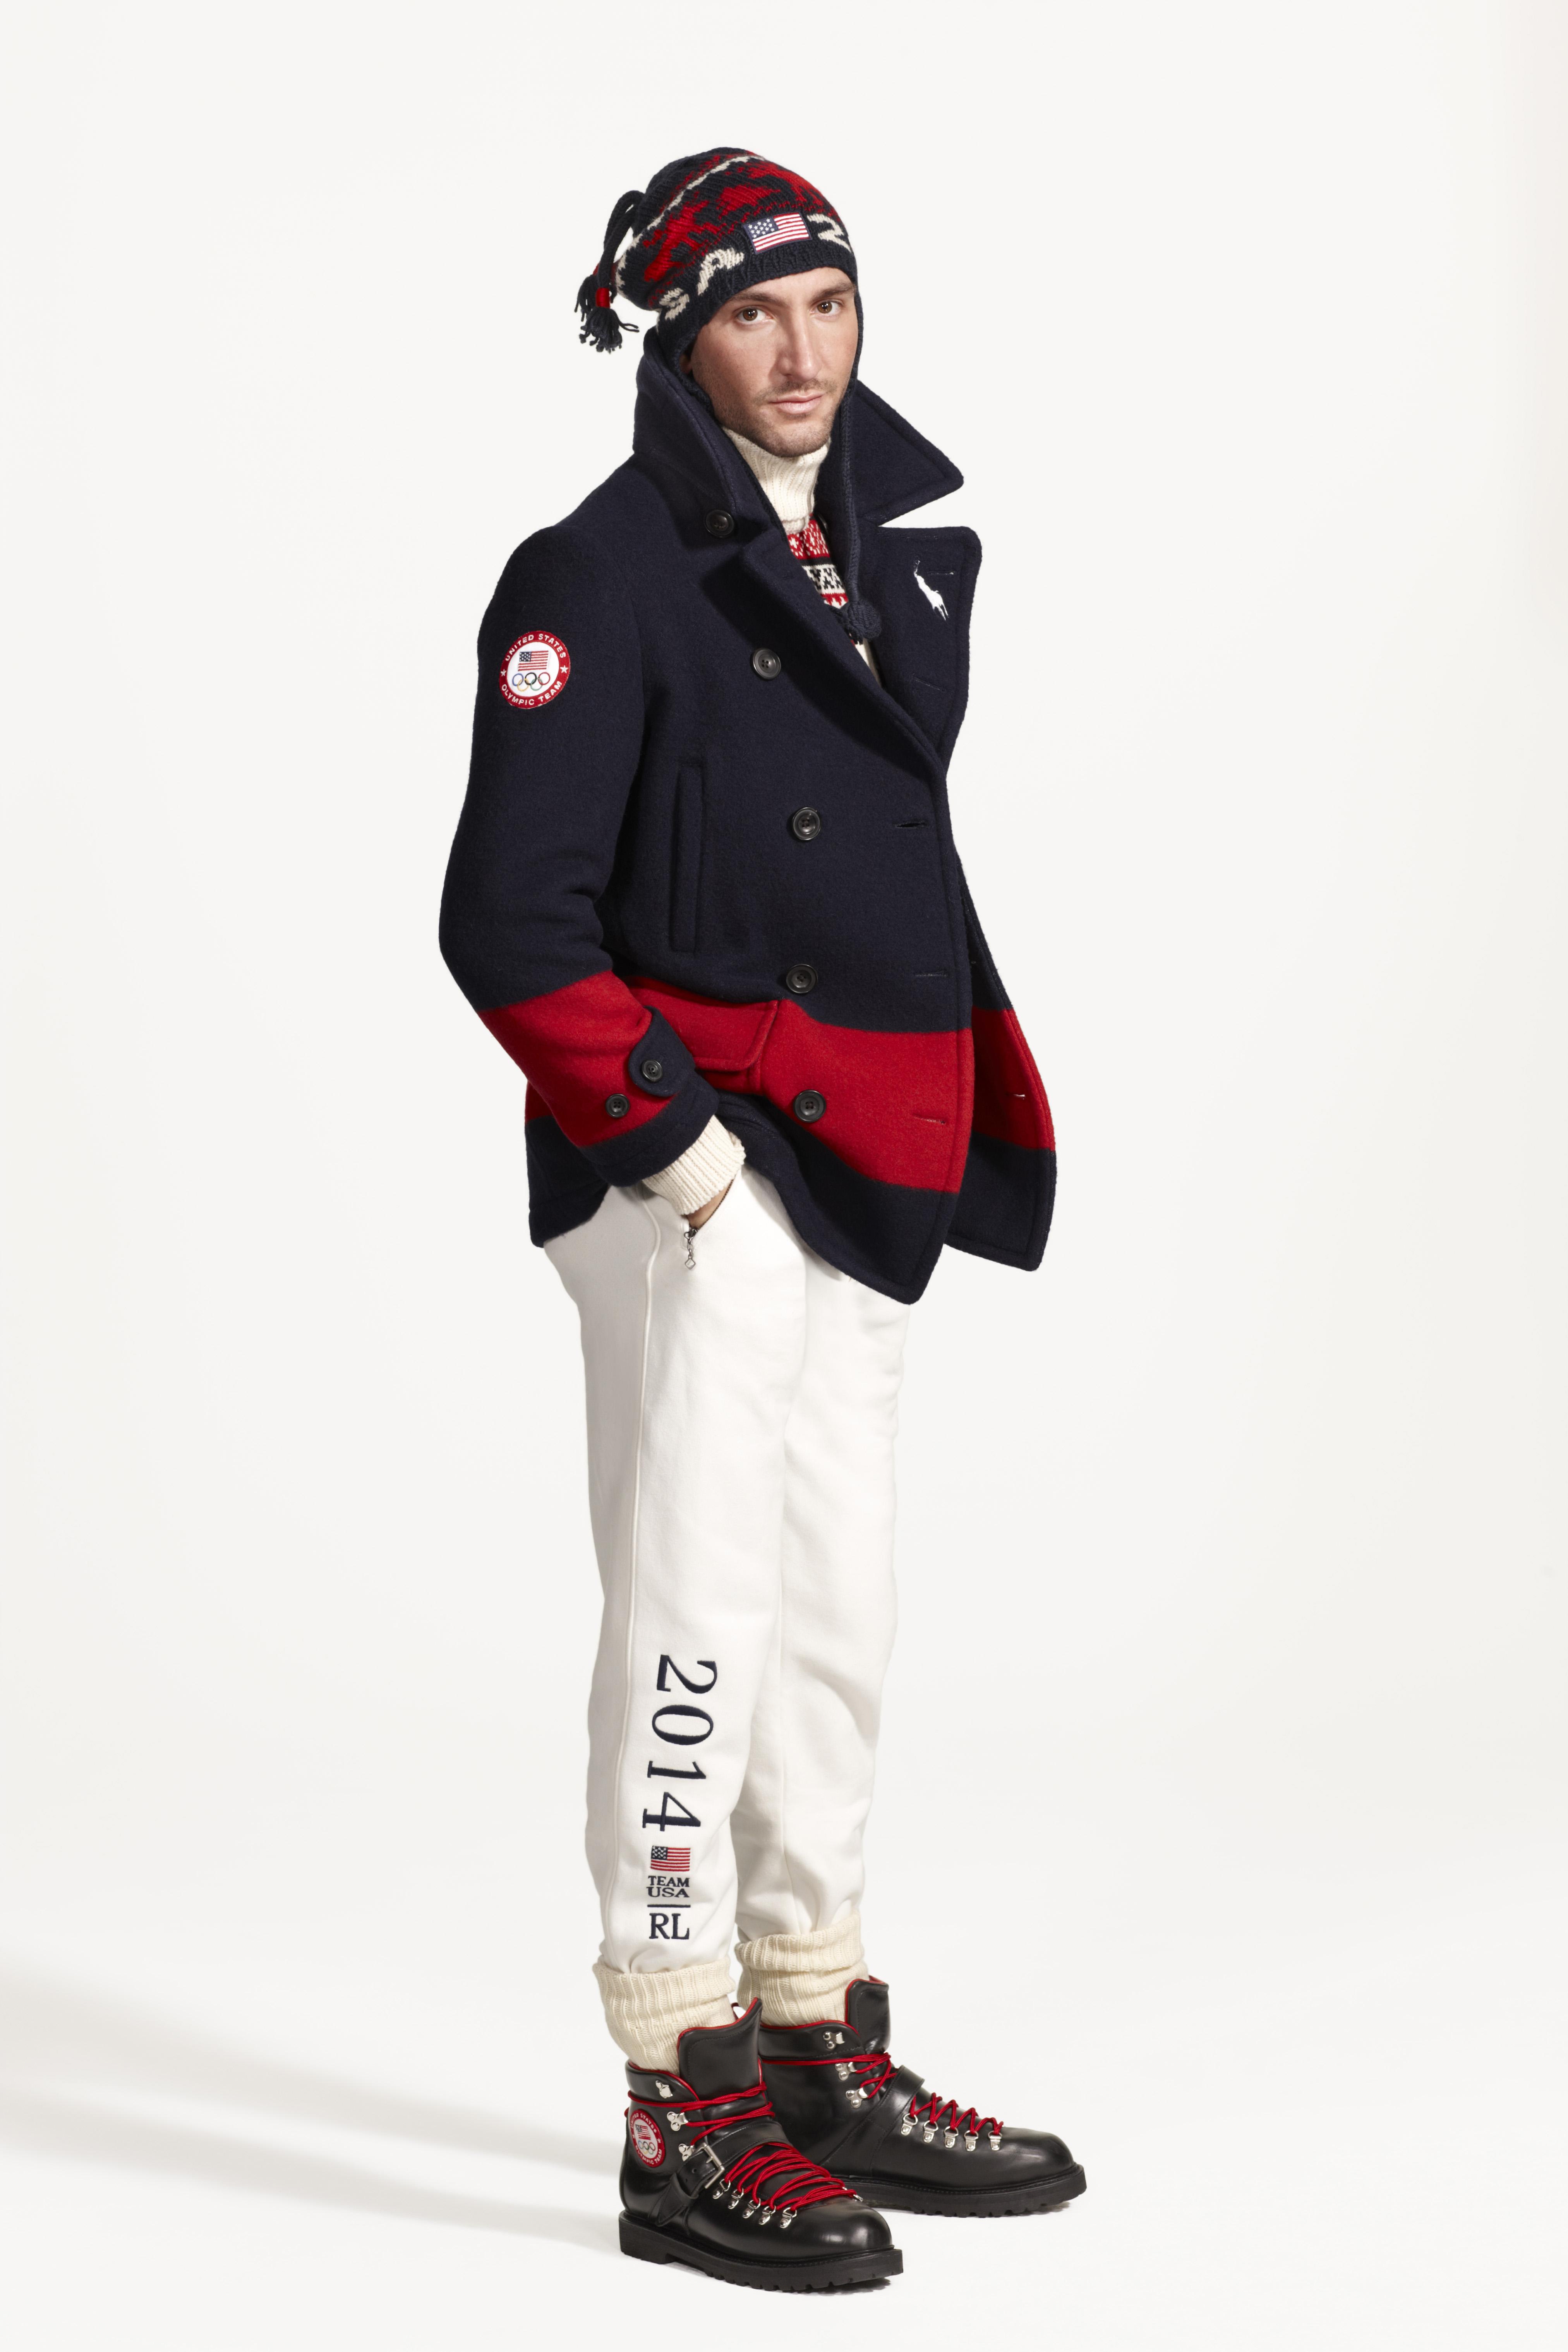 ralph lauren olympics 2014